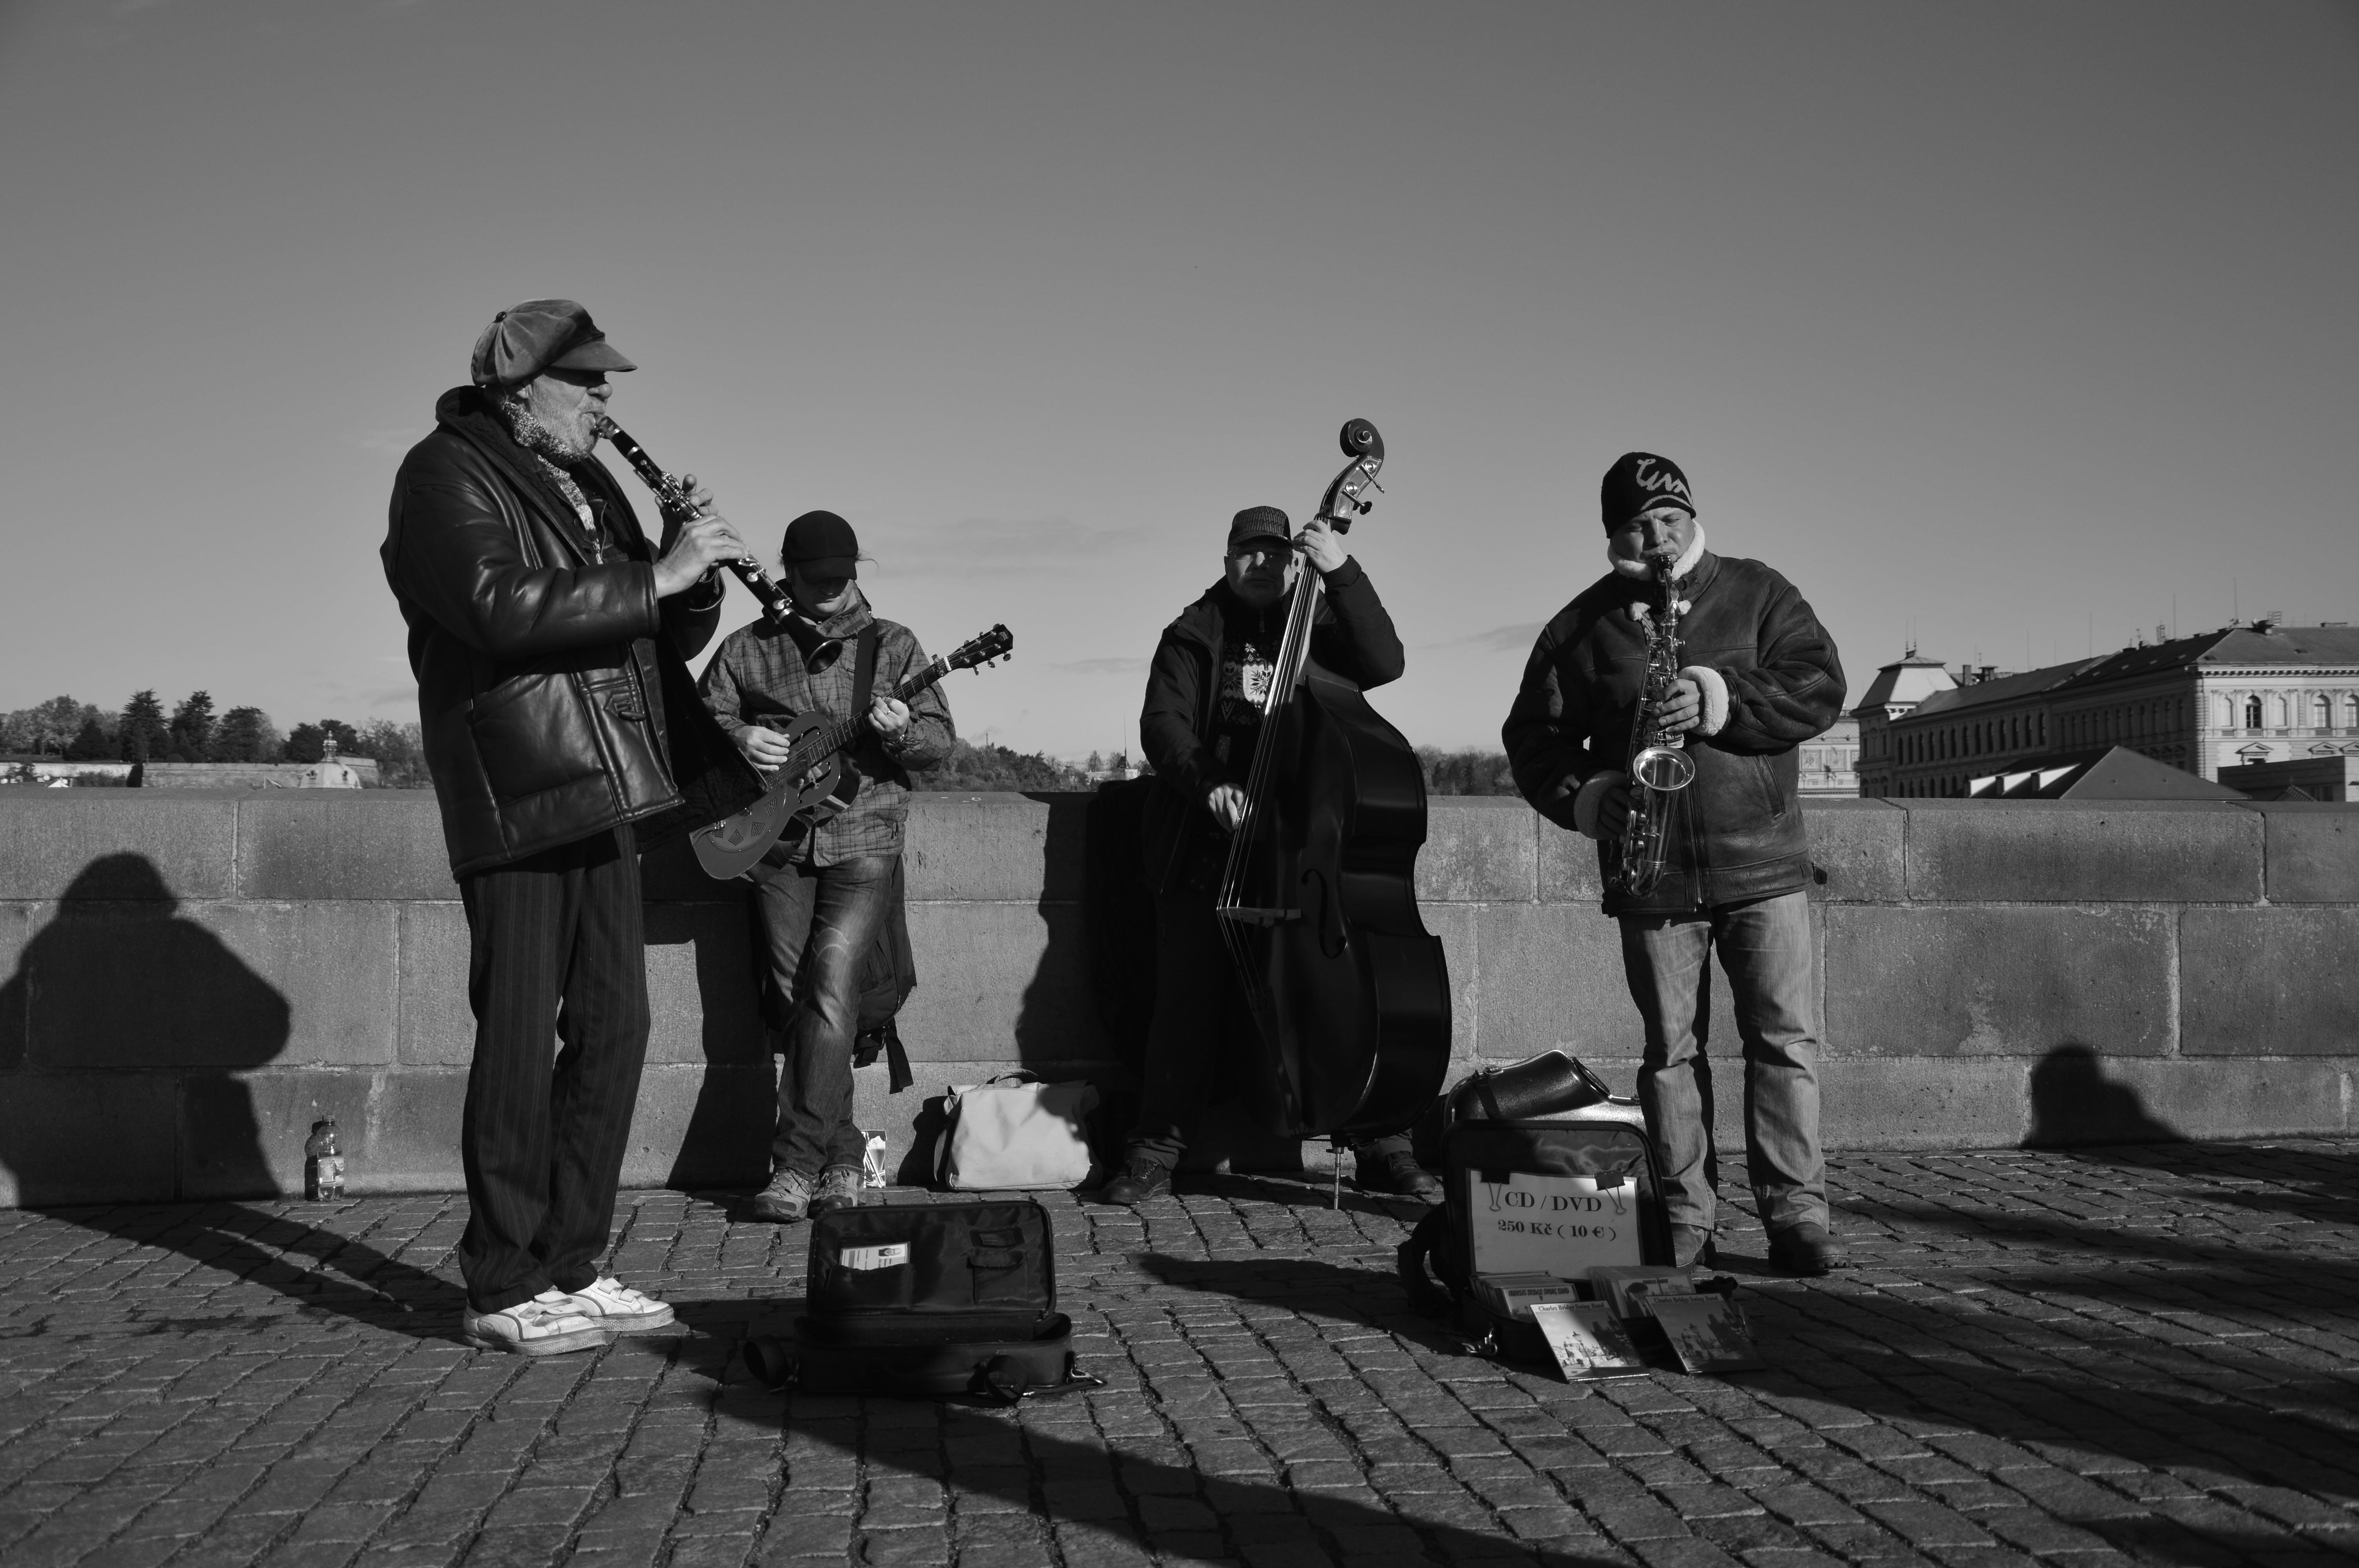 Kostnadsfri bild av artister, gata, gator, gatukonstnärer